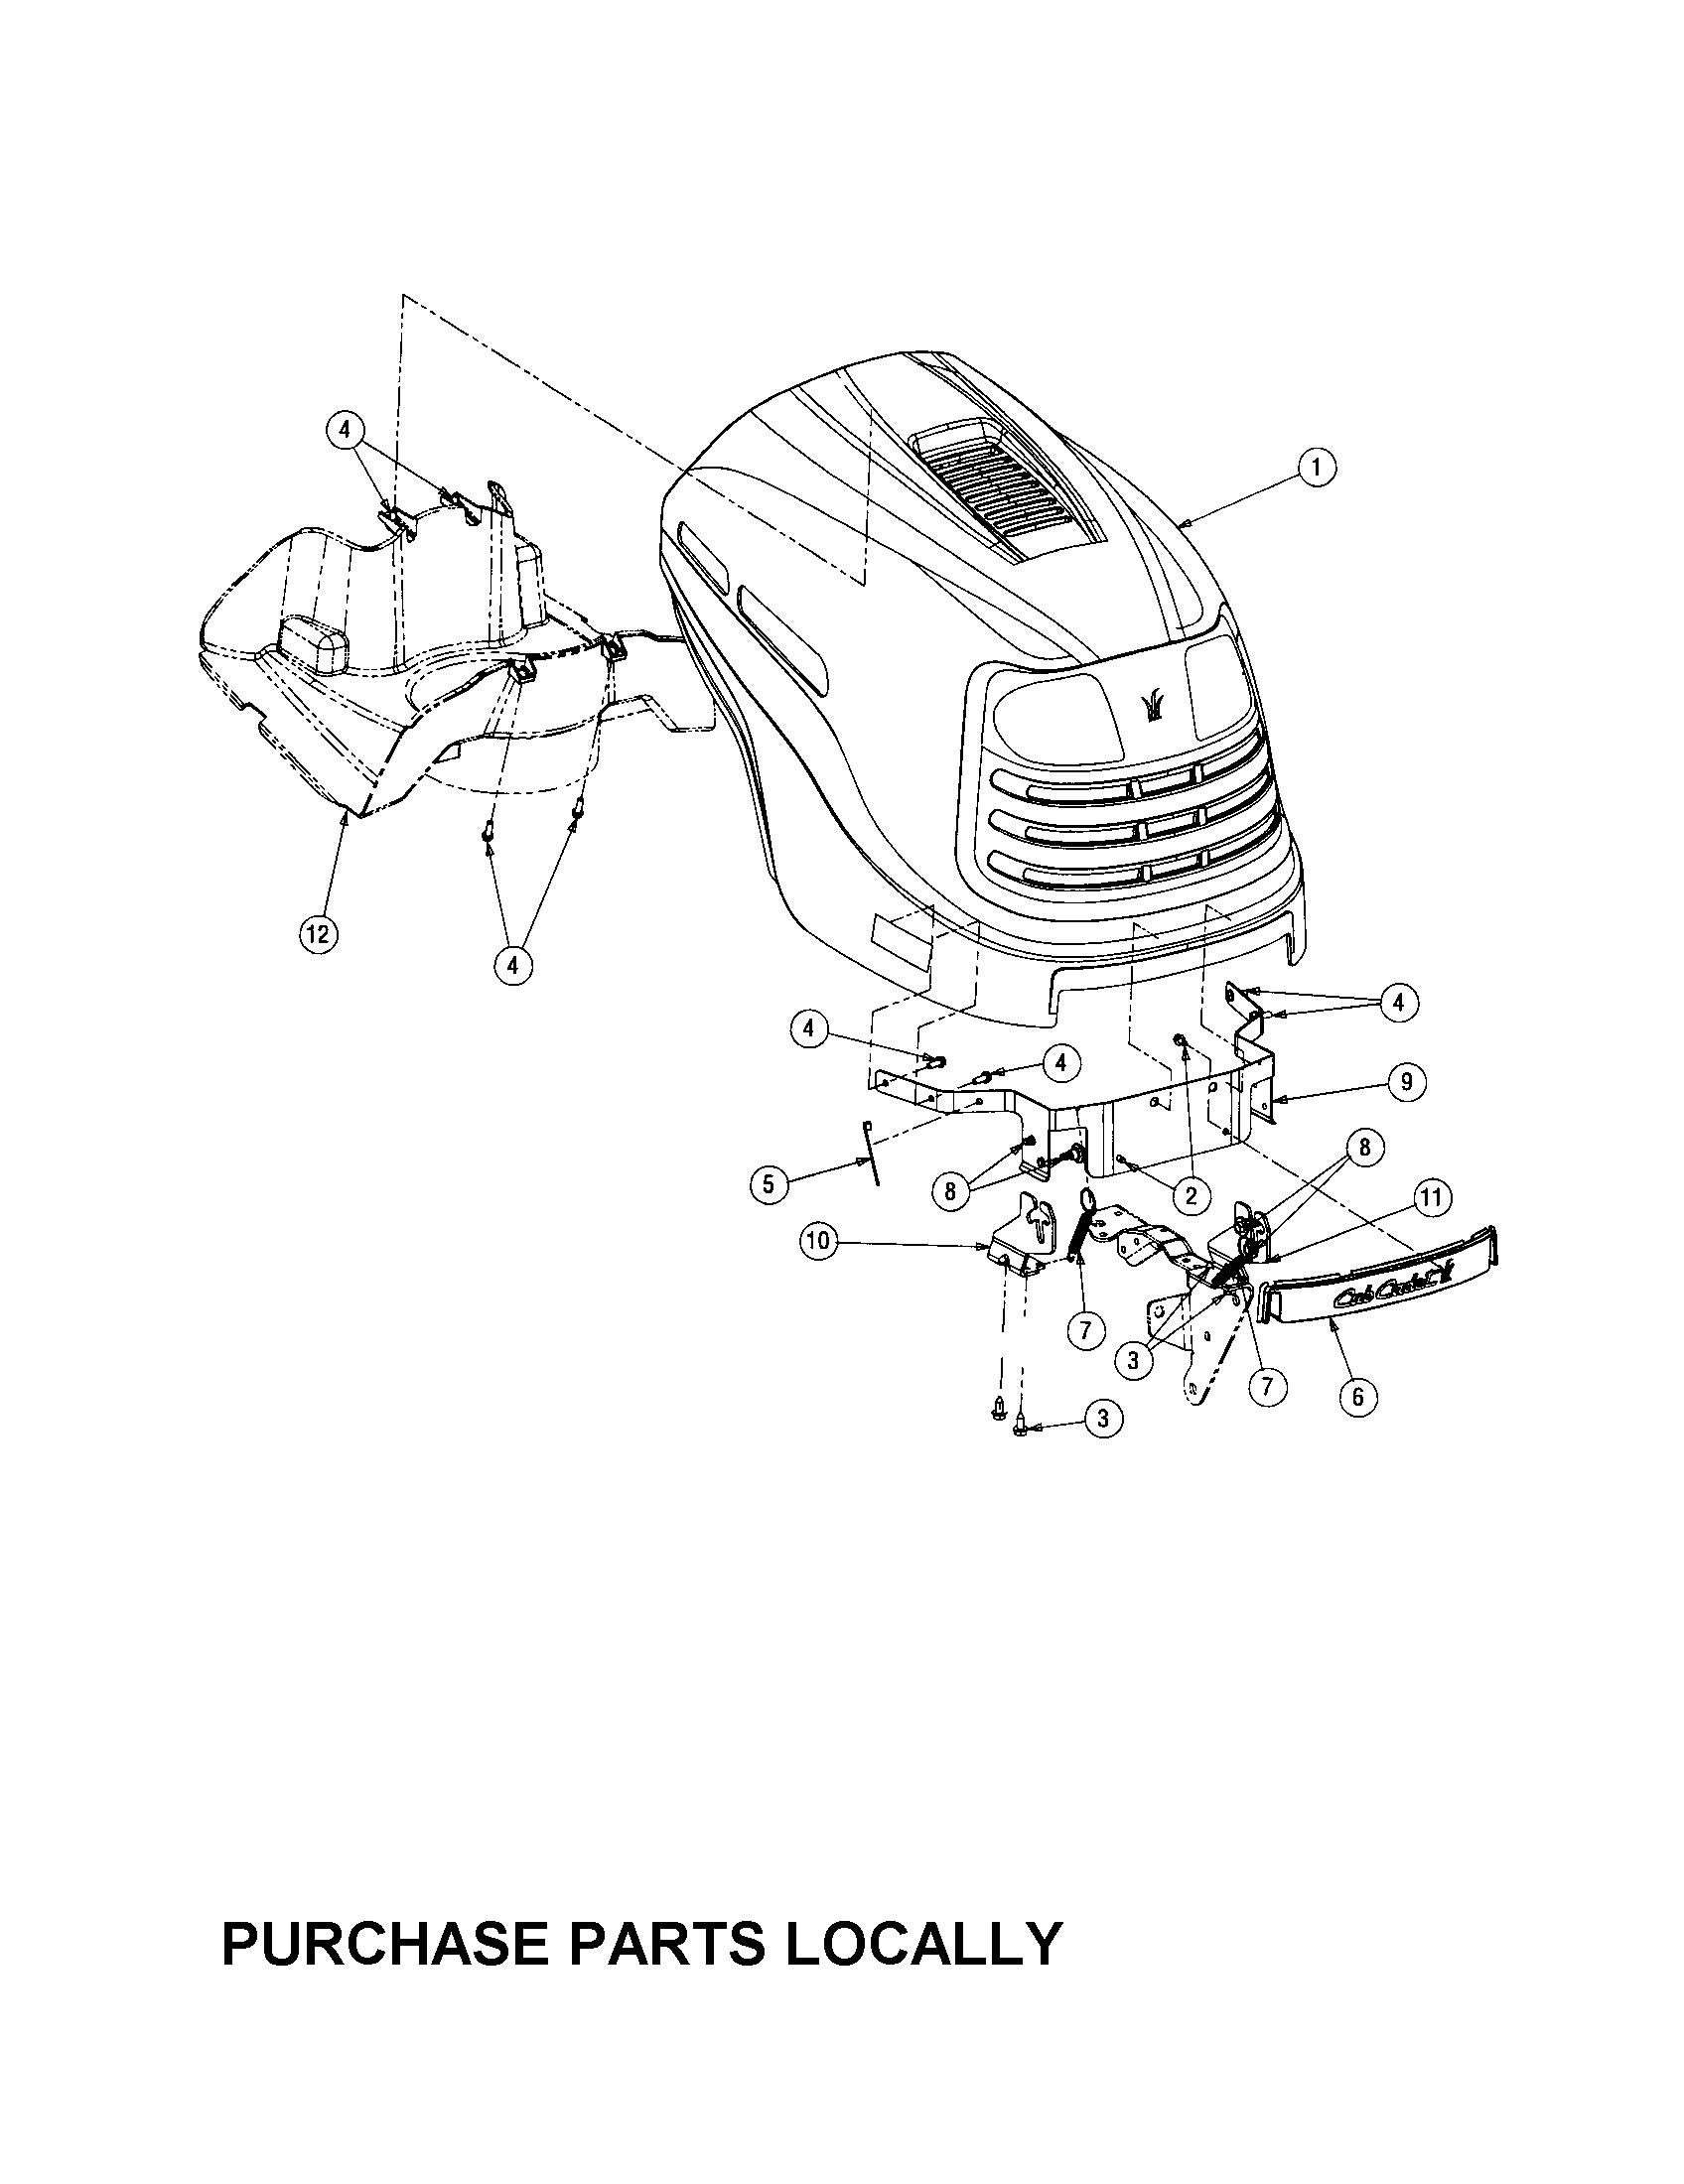 Cub-Cadet model LT1045 lawn, tractor genuine parts